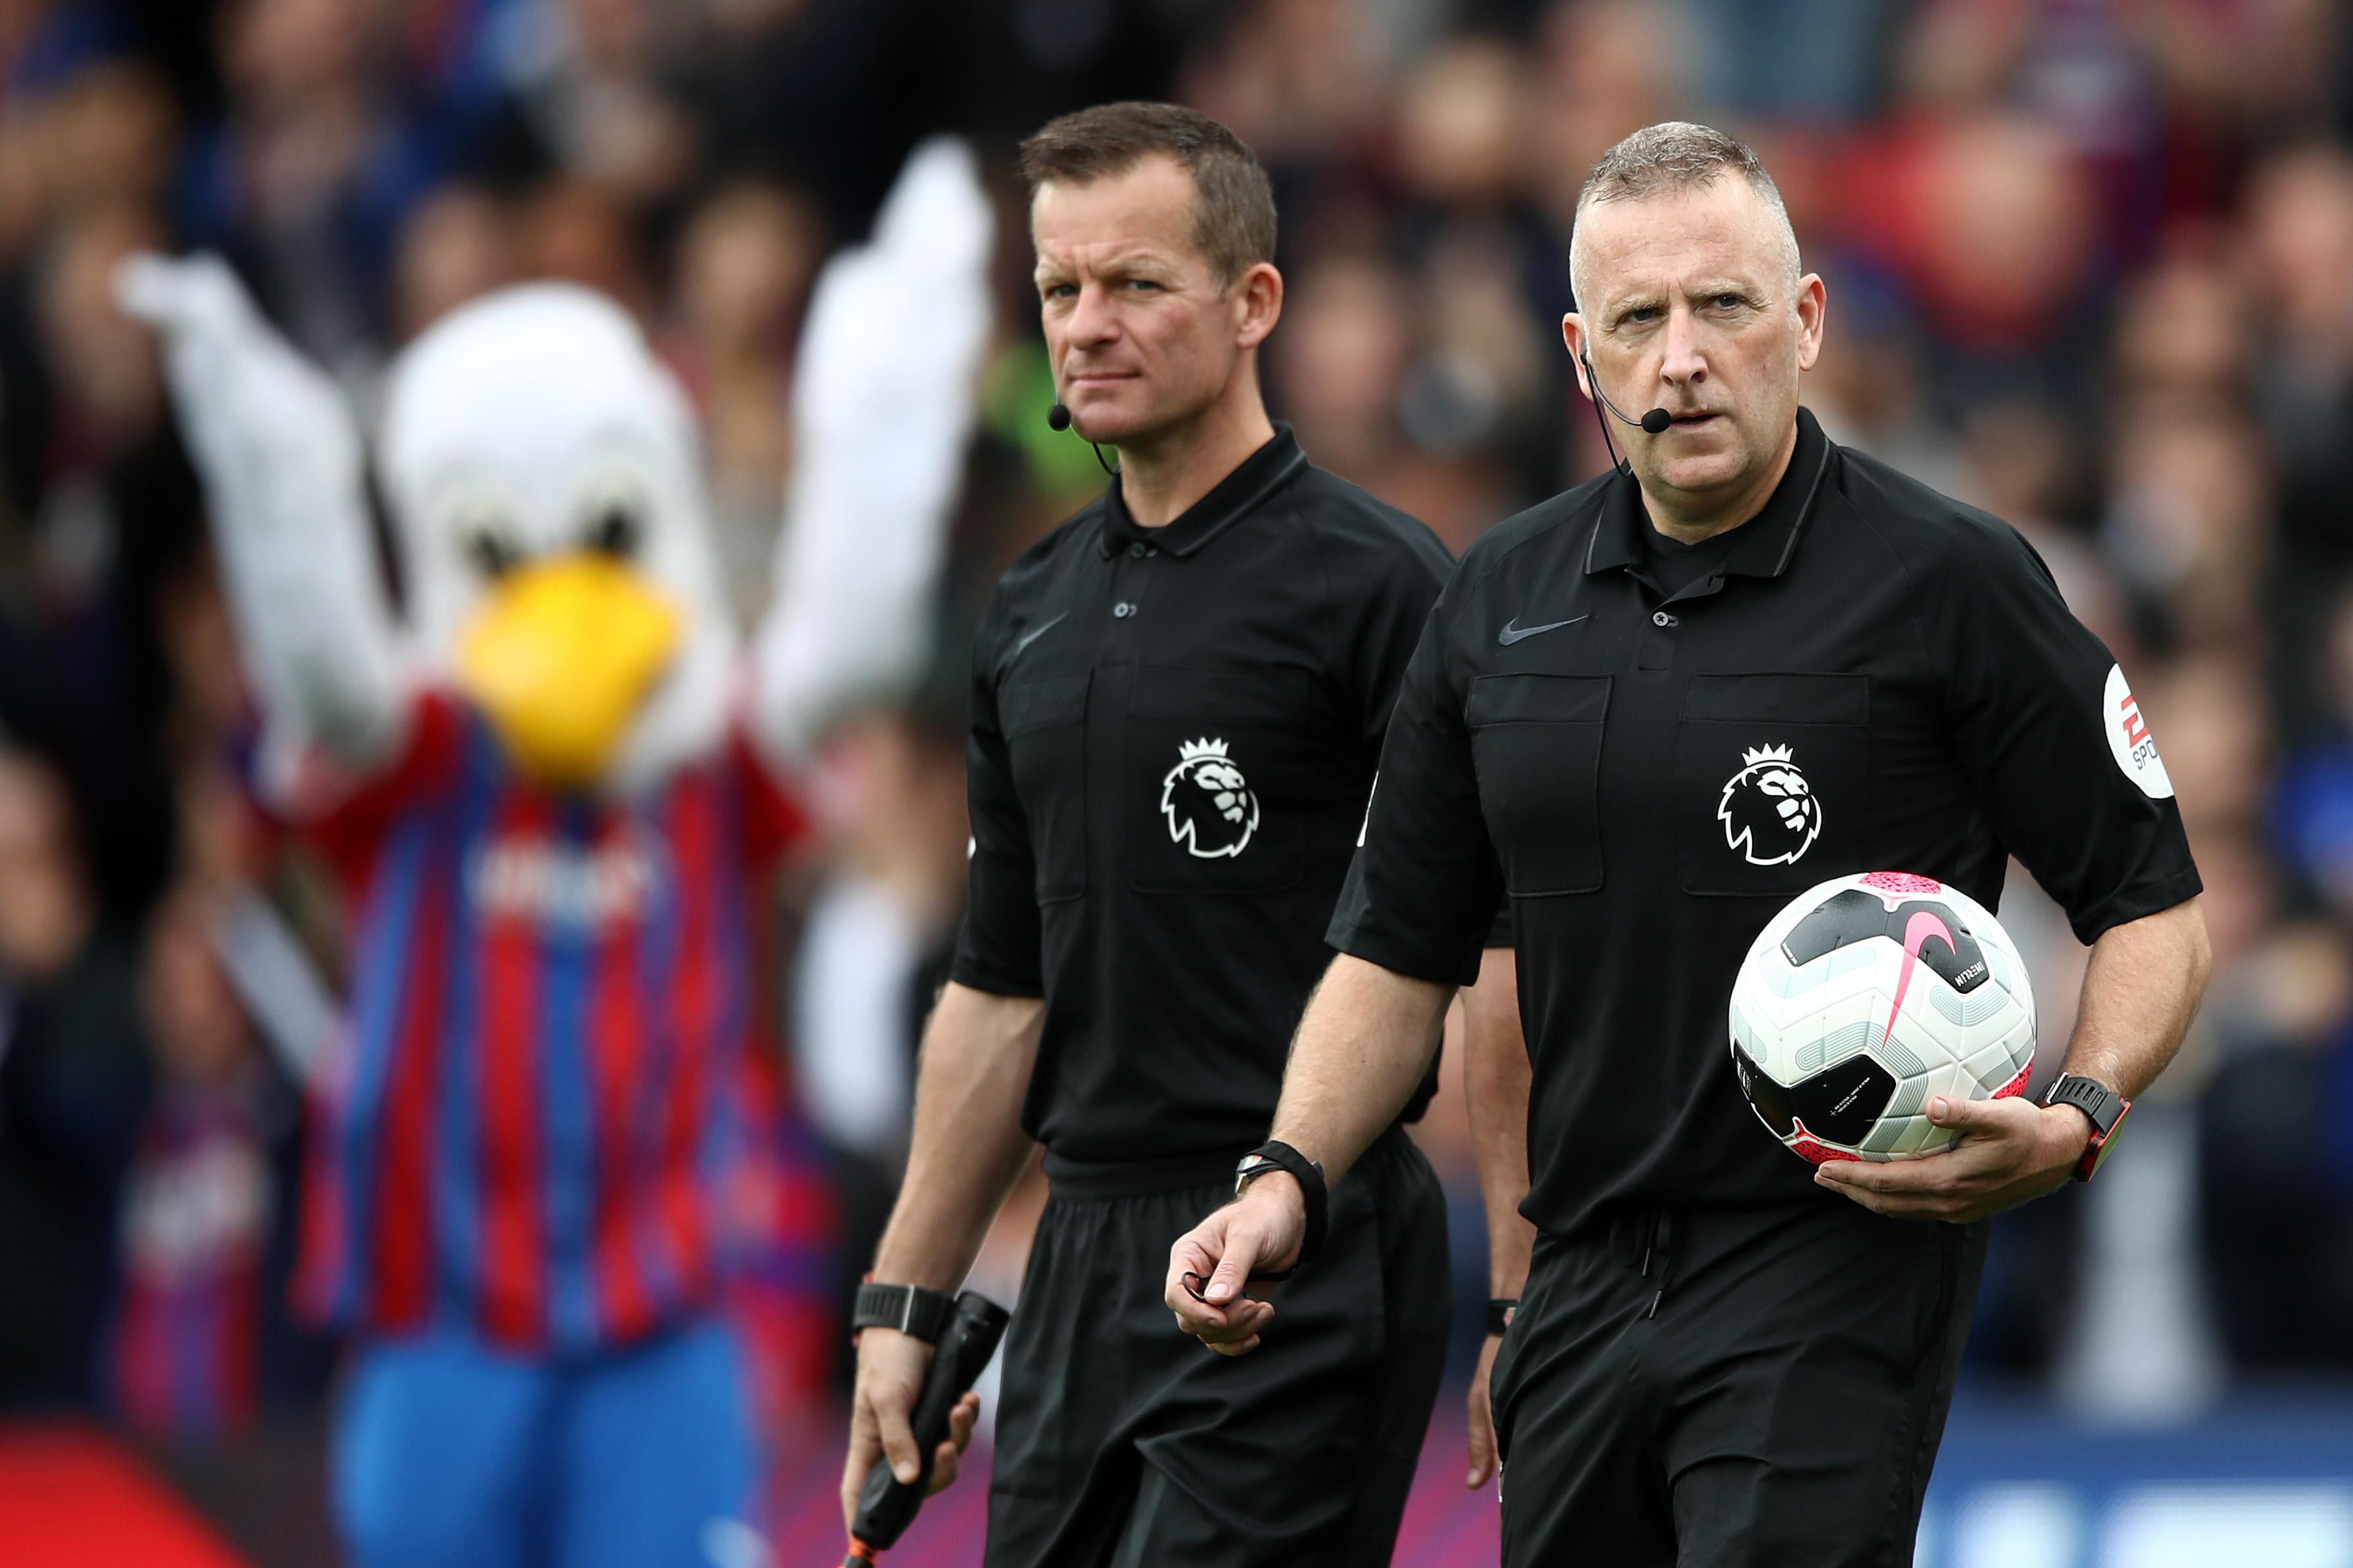 El Crystal Palace volvió a ganar